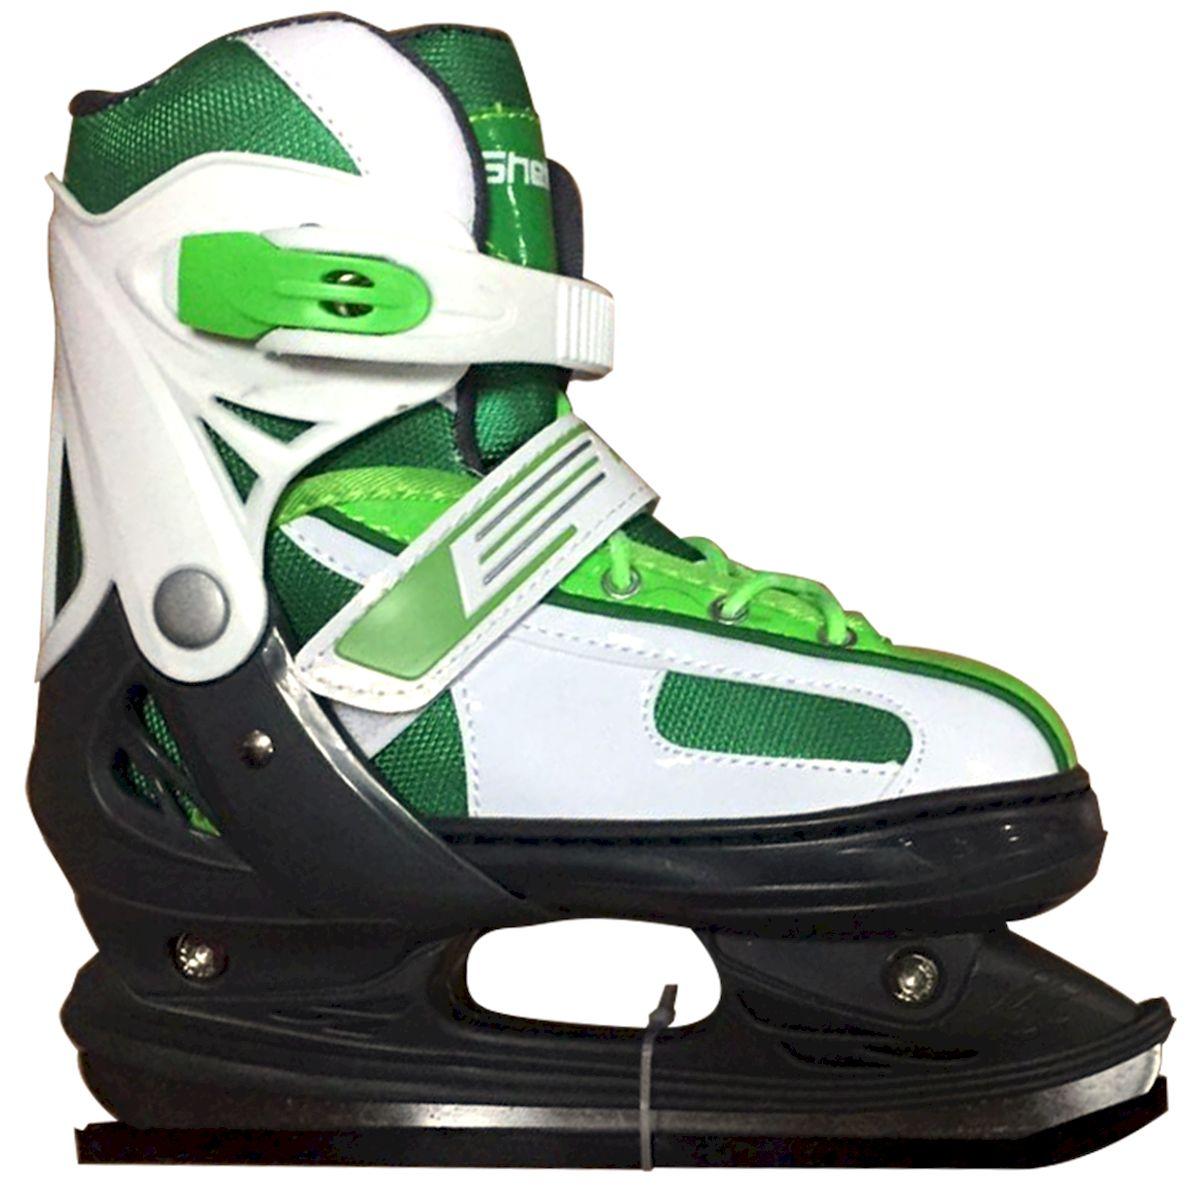 Коньки ледовые Ice Blade Shelby, раздвижные, цвет: черный, зеленый, белый. УТ-00009127. Размер L (38/41)УТ-00009127Коньки раздвижные Shelby - это классические раздвижные коньки от известного бренда Ice Blade, которые предназначены для детей и подростков, а также для тех, кто делает первые шаги в катании на льду.Ботинок изготовлен из морозоустойчивого пластика. Внутренняя поверхность из мягкого и теплого текстиля обеспечивает комфорт во время движения. Лезвие выполнено из высокоуглеродистой стали с покрытием из никеля. Пластиковая клипса с фиксатором, хлястик на липучке и шнуровка надежно фиксируют голеностоп. Конструкция коньков позволяет быстро и точно изменять их размер. Яркий молодежный дизайн, теплый внутренний сапожок, удобная трехуровневая система фиксации ноги, легкая смена размера, надежная защита пятки и носка - все это бесспорные преимущества модели. Коньки поставляются с заводской заточкой лезвия, что позволяет сразу приступить к катанию и не тратить денег на заточку. Предназначены для использования на открытом и закрытом льду.